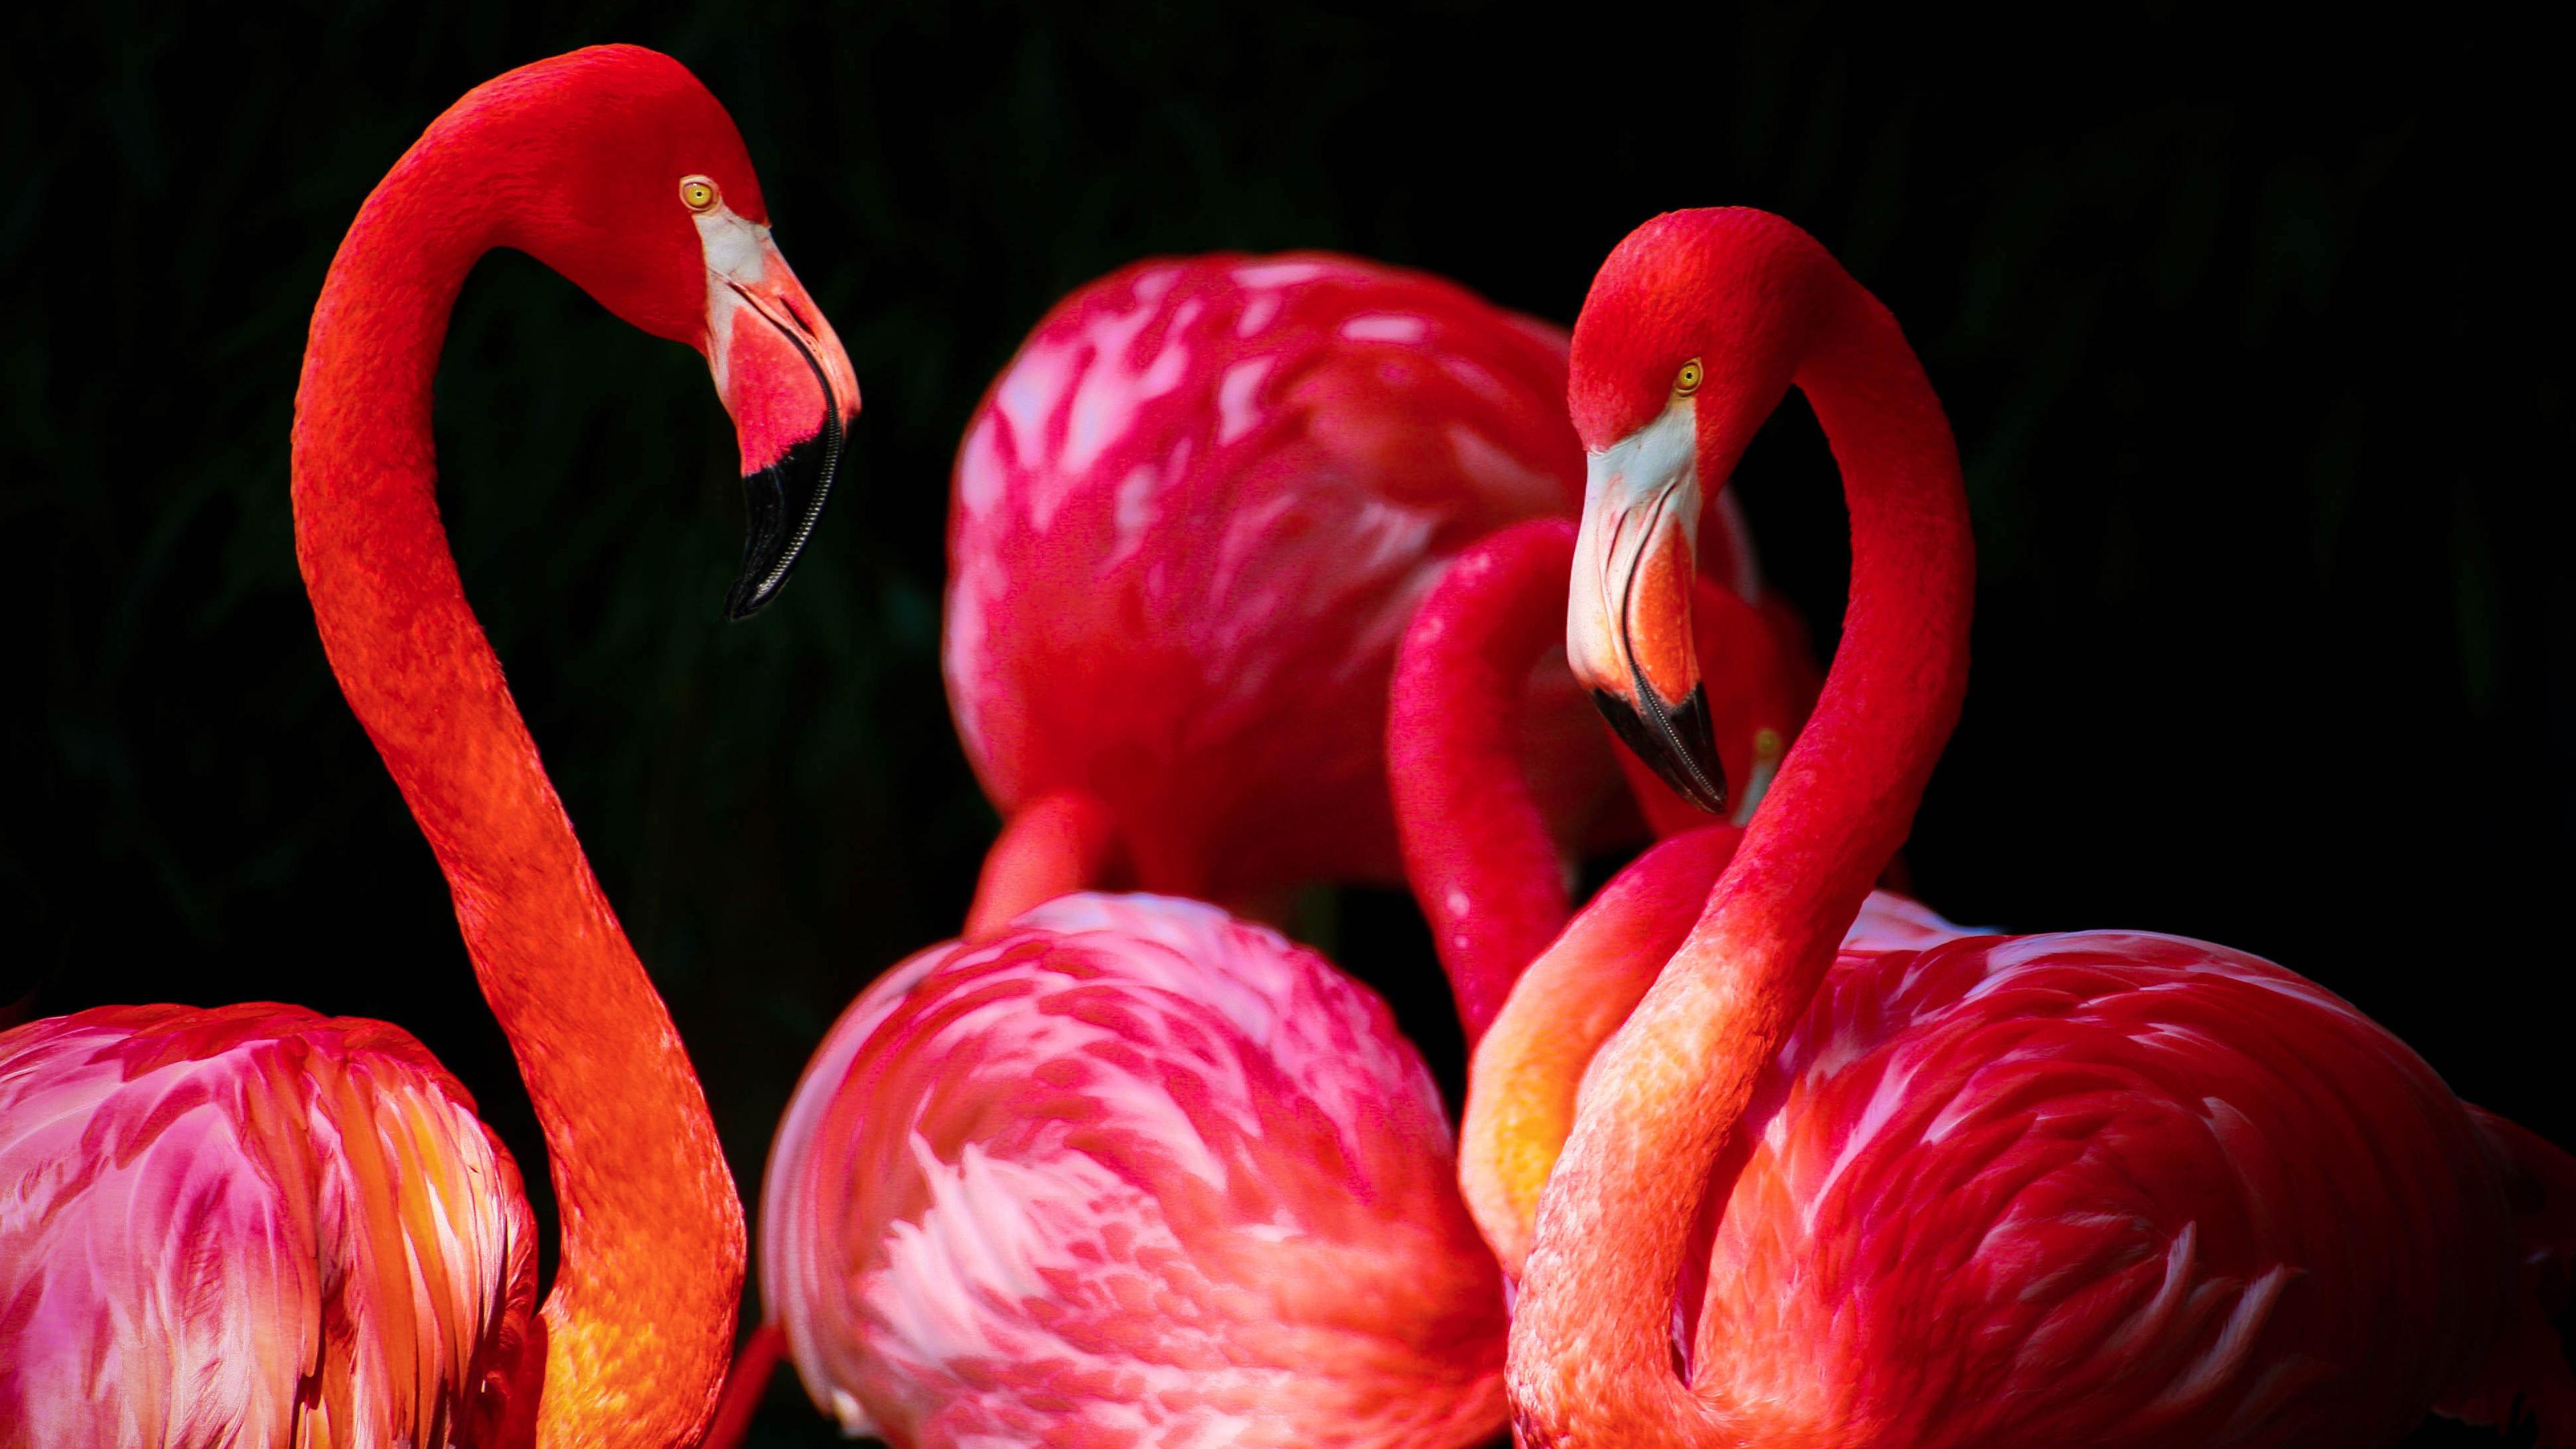 Flamingos5586212348 - Flamingos - Flamingos